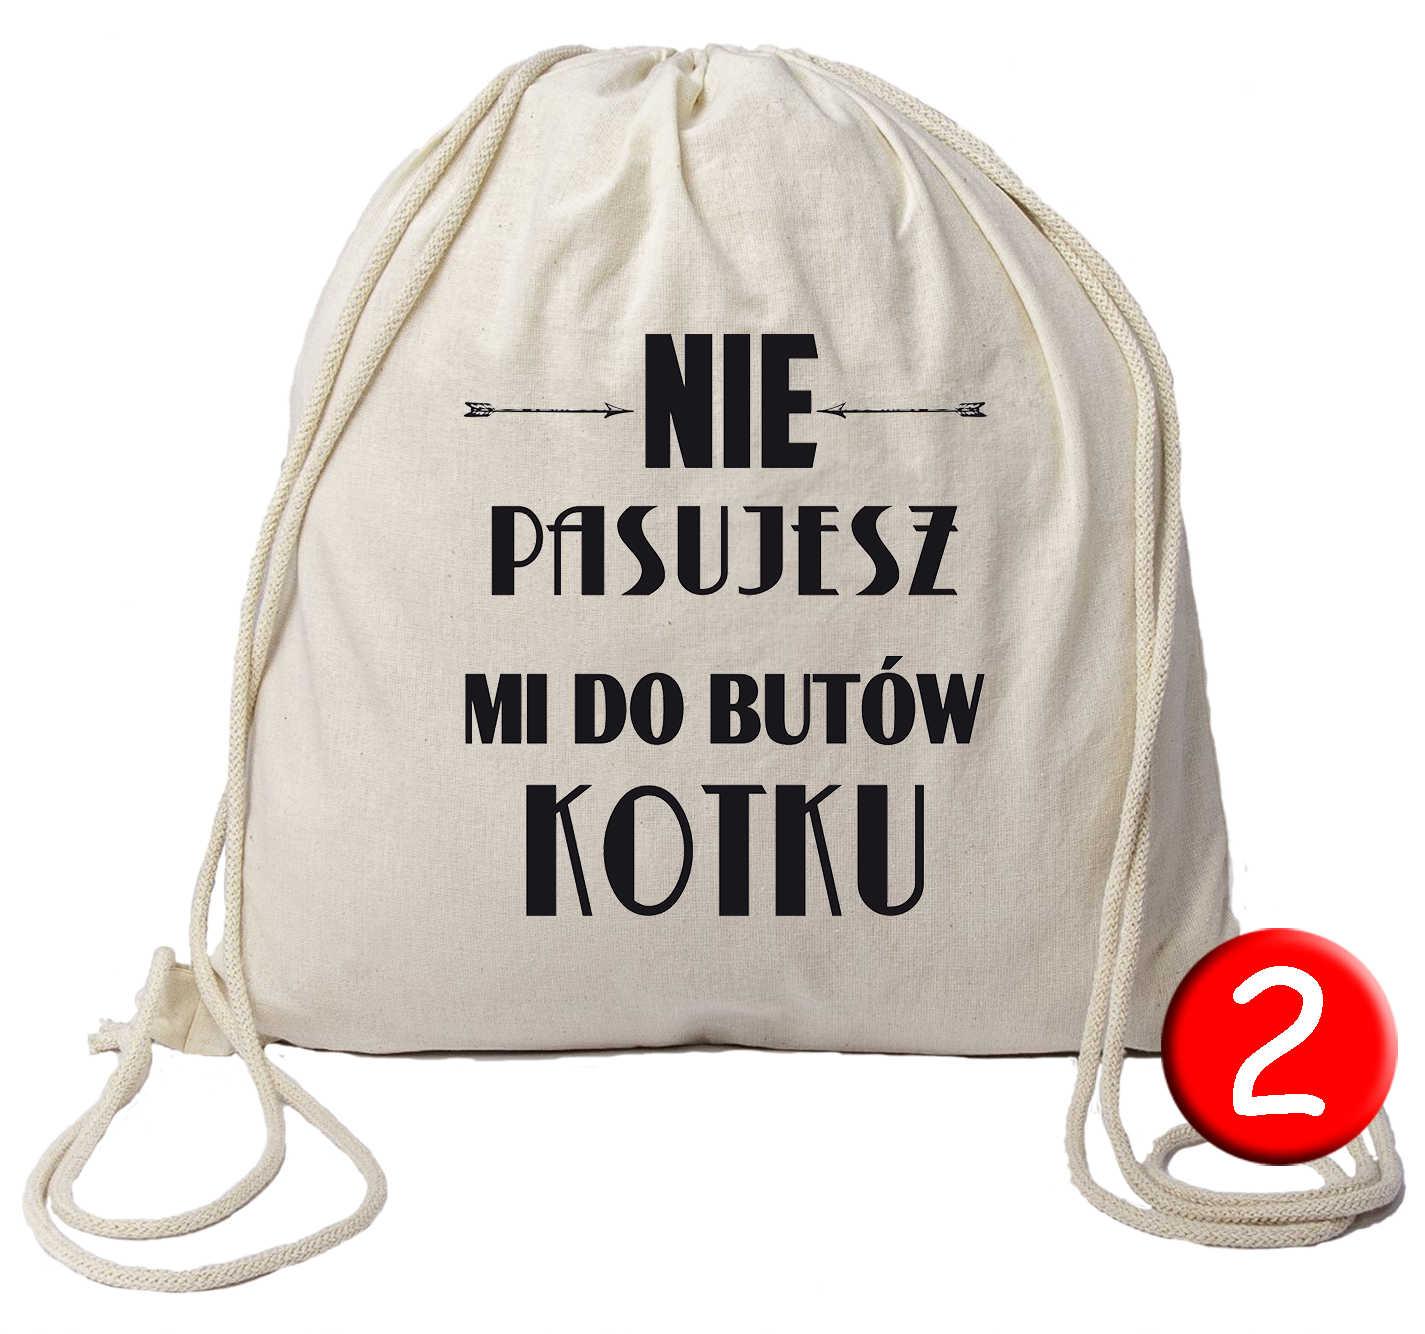 bf3b810b01fb8 Oglądasz: Plecak worek bawełniany EKO z nadrukiem wzór 2 9.00zł